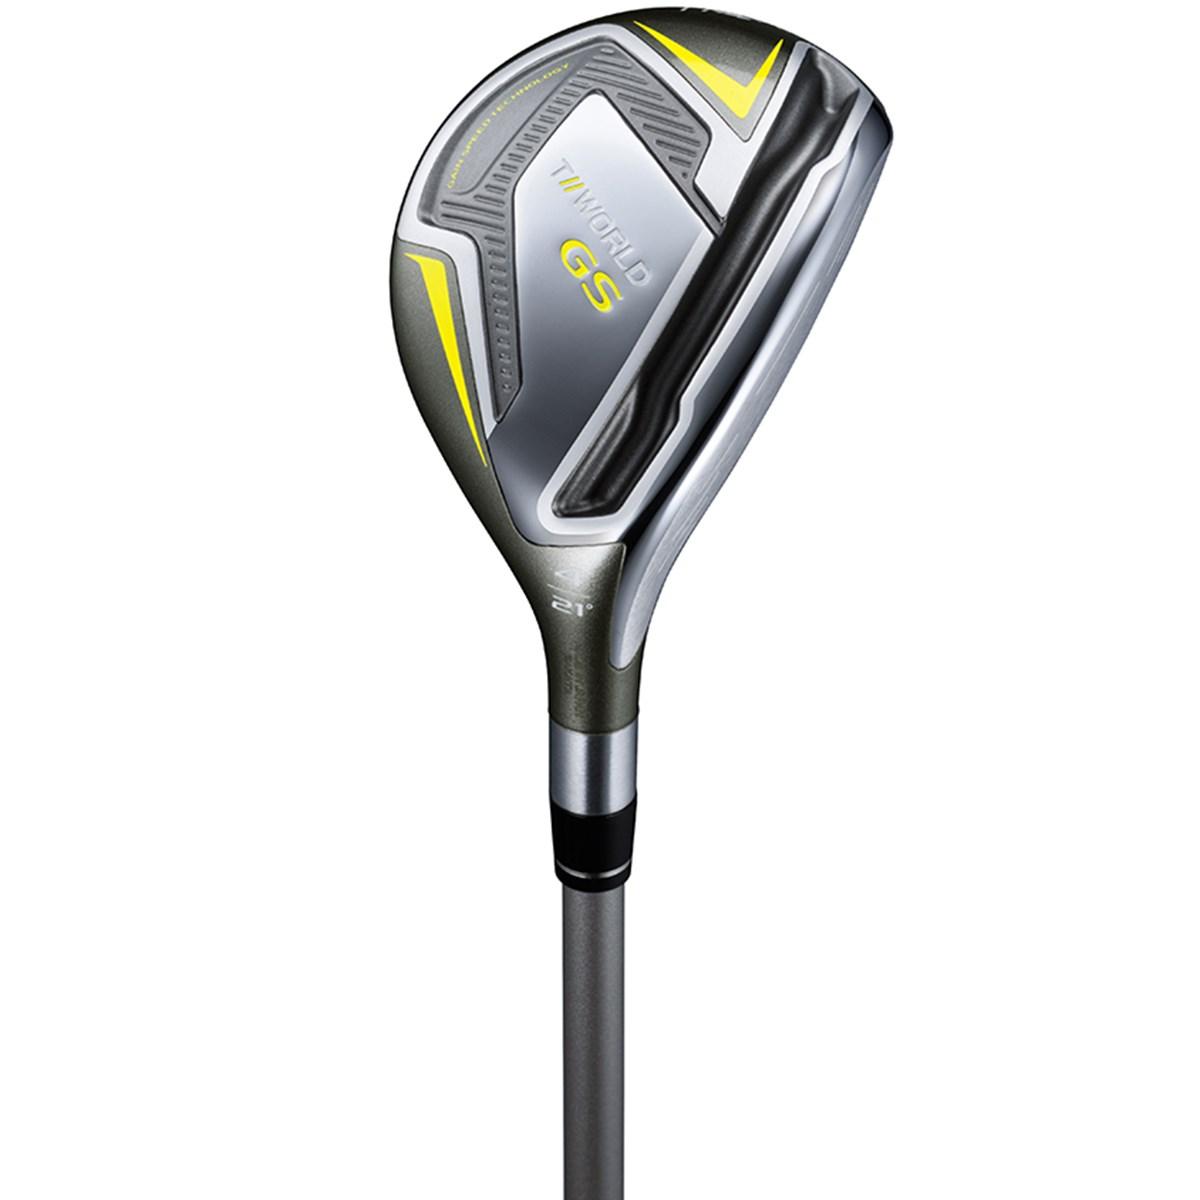 本間ゴルフ(HONMA GOLF) ツアーワールド GSユーティリティ SPEED TUNED 42【2021年2月上旬発売予定】レディス